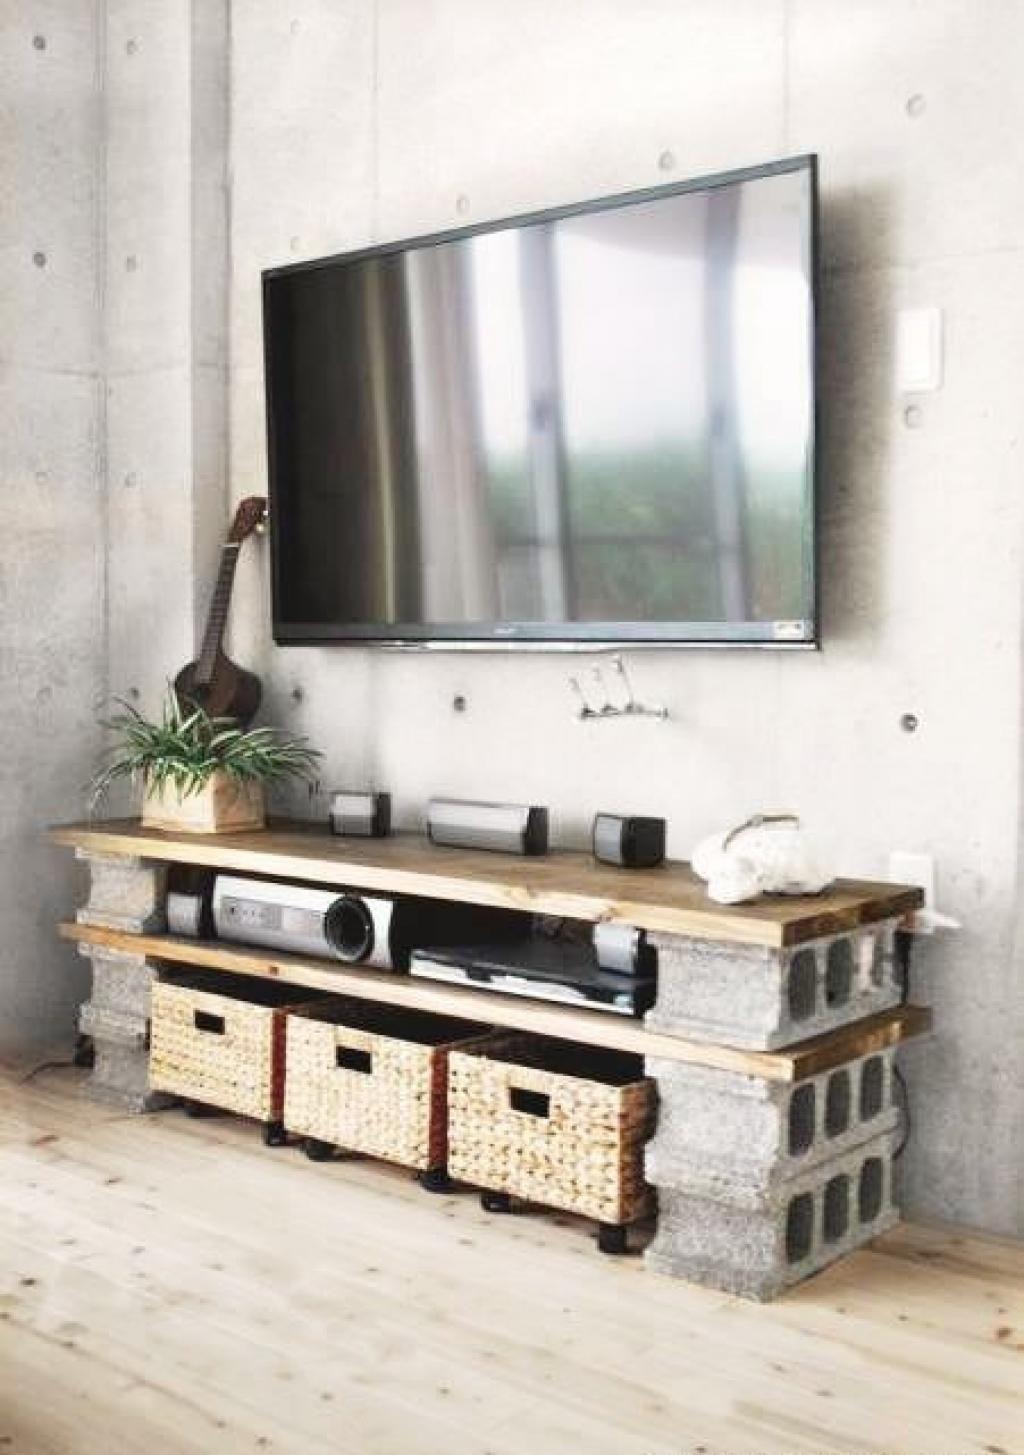 15 Idees Geniales Faites A Partir De Simples Blocs De Beton Trucs Et Bricolages Meuble Deco Mobilier De Salon Deco Maison